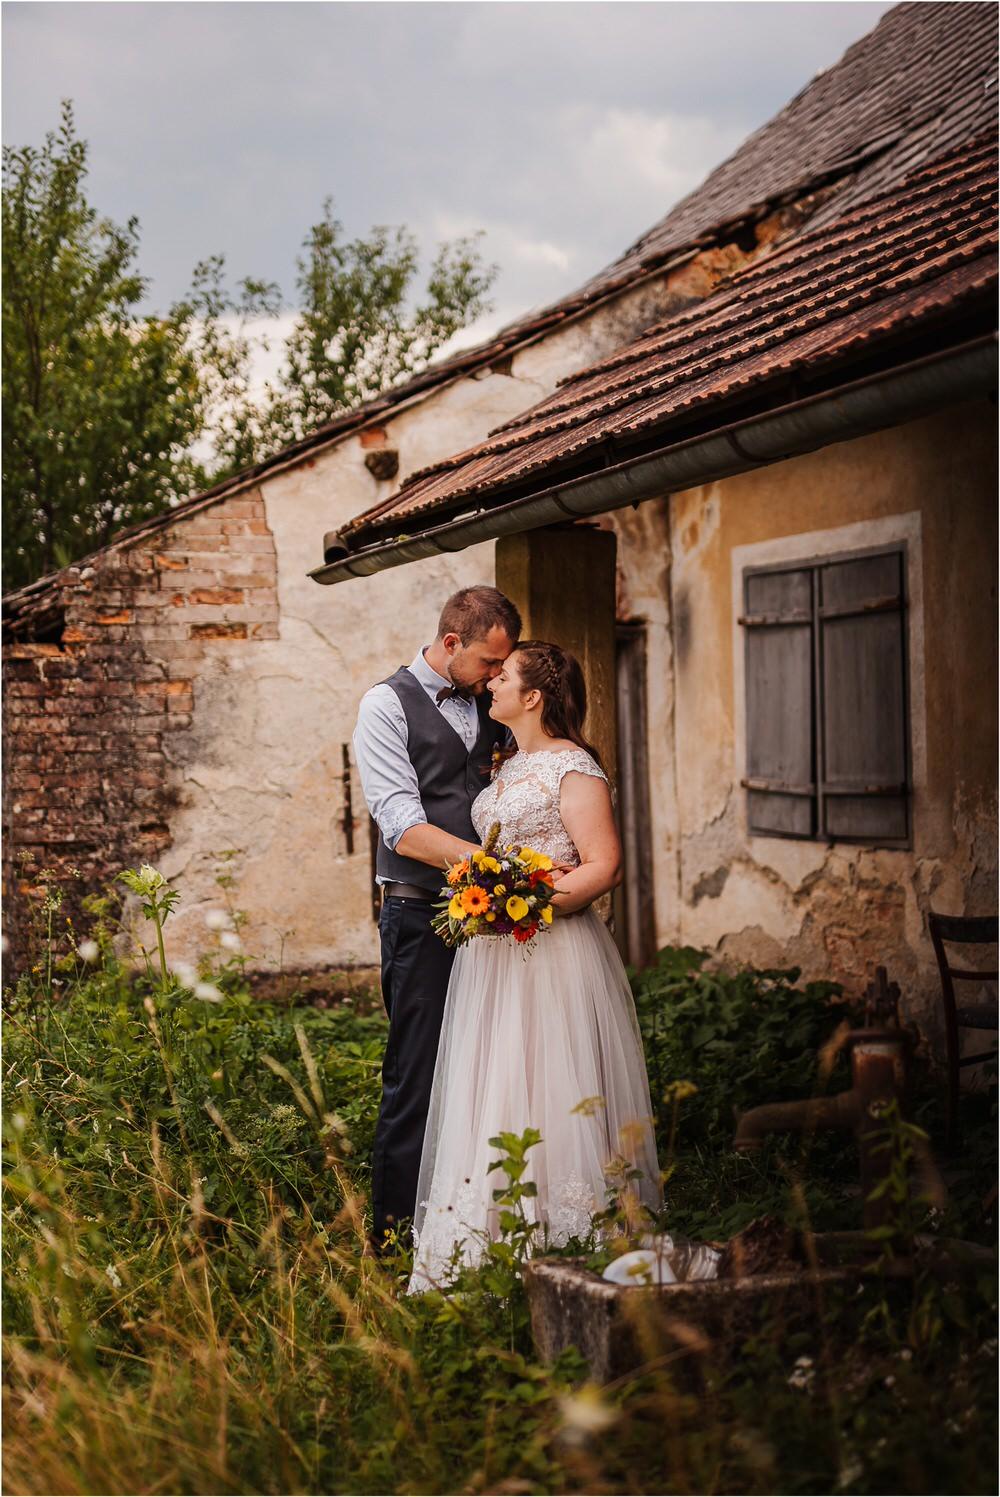 goriska brda poroka fotgorafija fotograf fotografiranje porocno kras primorska obala romanticna boho poroka rustikalna nika grega 0057.jpg